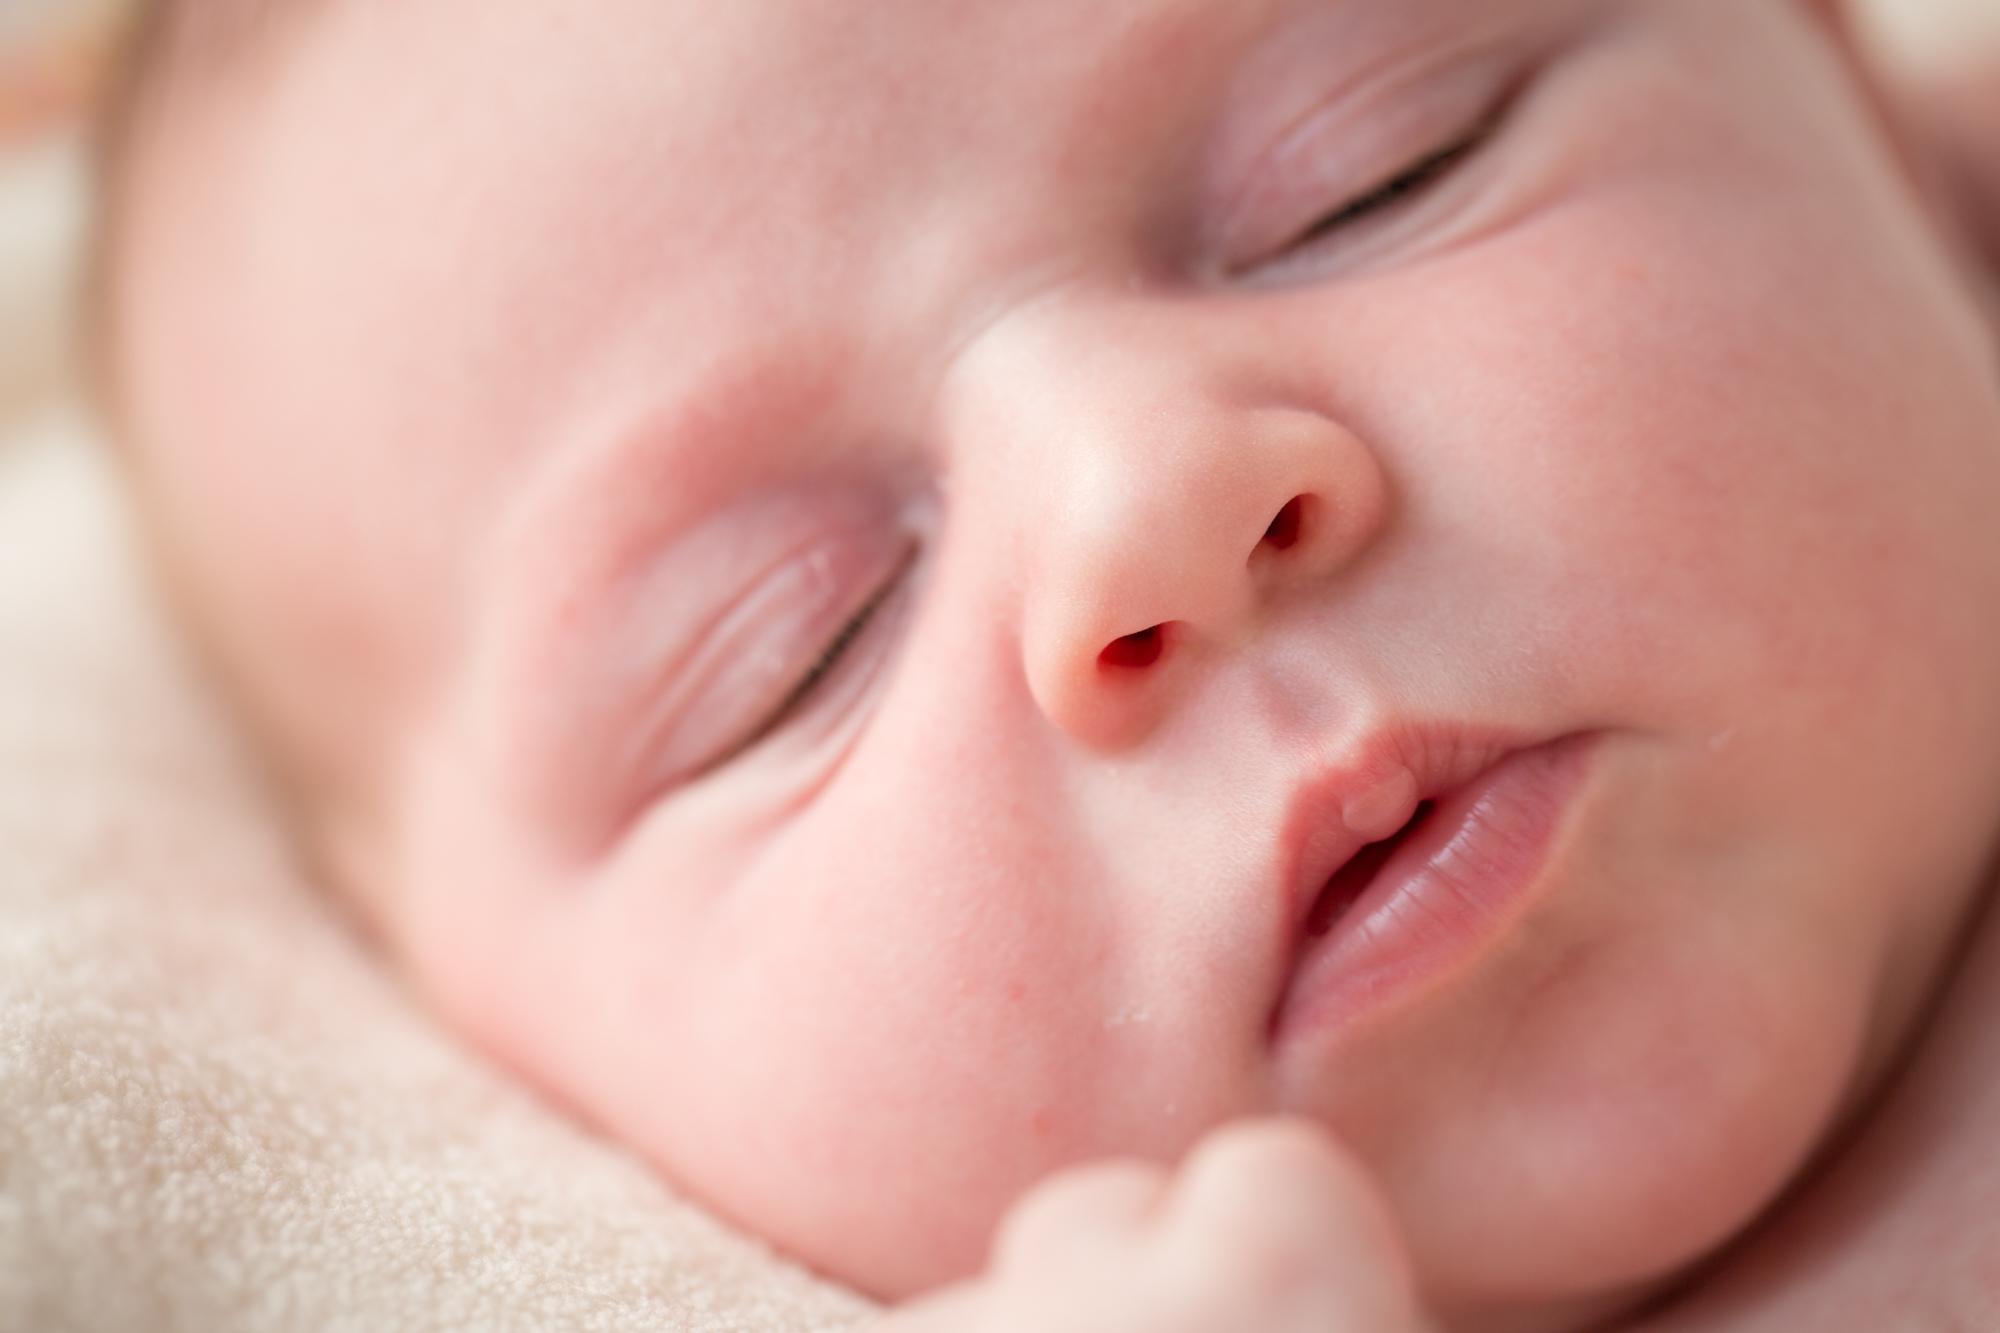 www.fivefivephotos.com.2014.Infant.Seckel.128